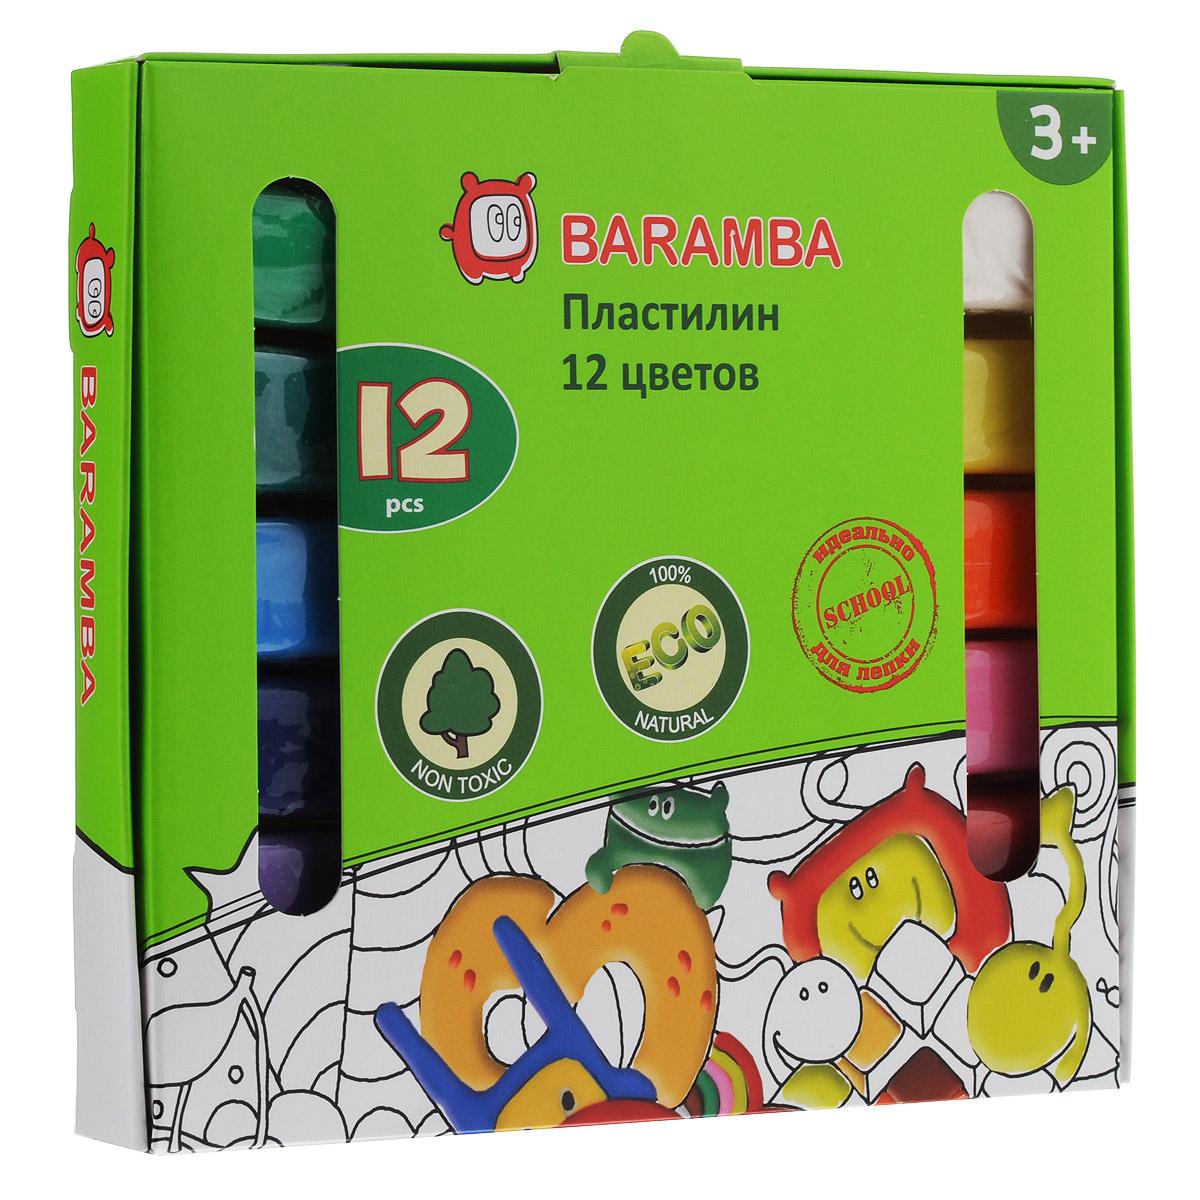 Пластилин на растительной основе Baramba, 12 цветовB30012Пластилин на растительной основе Baramba - это отличная возможность познакомить ребенка с еще одним из видов изобразительного творчества, в котором создаются объемные образы и целые композиции. В набор входит пластилин 12 ярких цветов (белый, желтый, оранжевый, розовый, красный, коричневый, светло-зеленый, зеленый, голубой, синий, фиолетовый, черный). Цвета пластилина легко смешиваются между собой, и таким образом можно получить новые оттенки. Пластилин на растительной основе, очень мягкий, содержит натуральные масла и воск, легко смешивается друг с другом и не липнет к рукам и не затвердевает.Техника лепки богата и разнообразна, но при этом доступна даже маленьким детям. Занятие лепкой не только увлекательно, но и полезно для ребенка. Оно способствует развитию творческого и пространственного мышления, восприятия формы, фактуры, цвета и веса, развивает воображение и мелкую моторику.